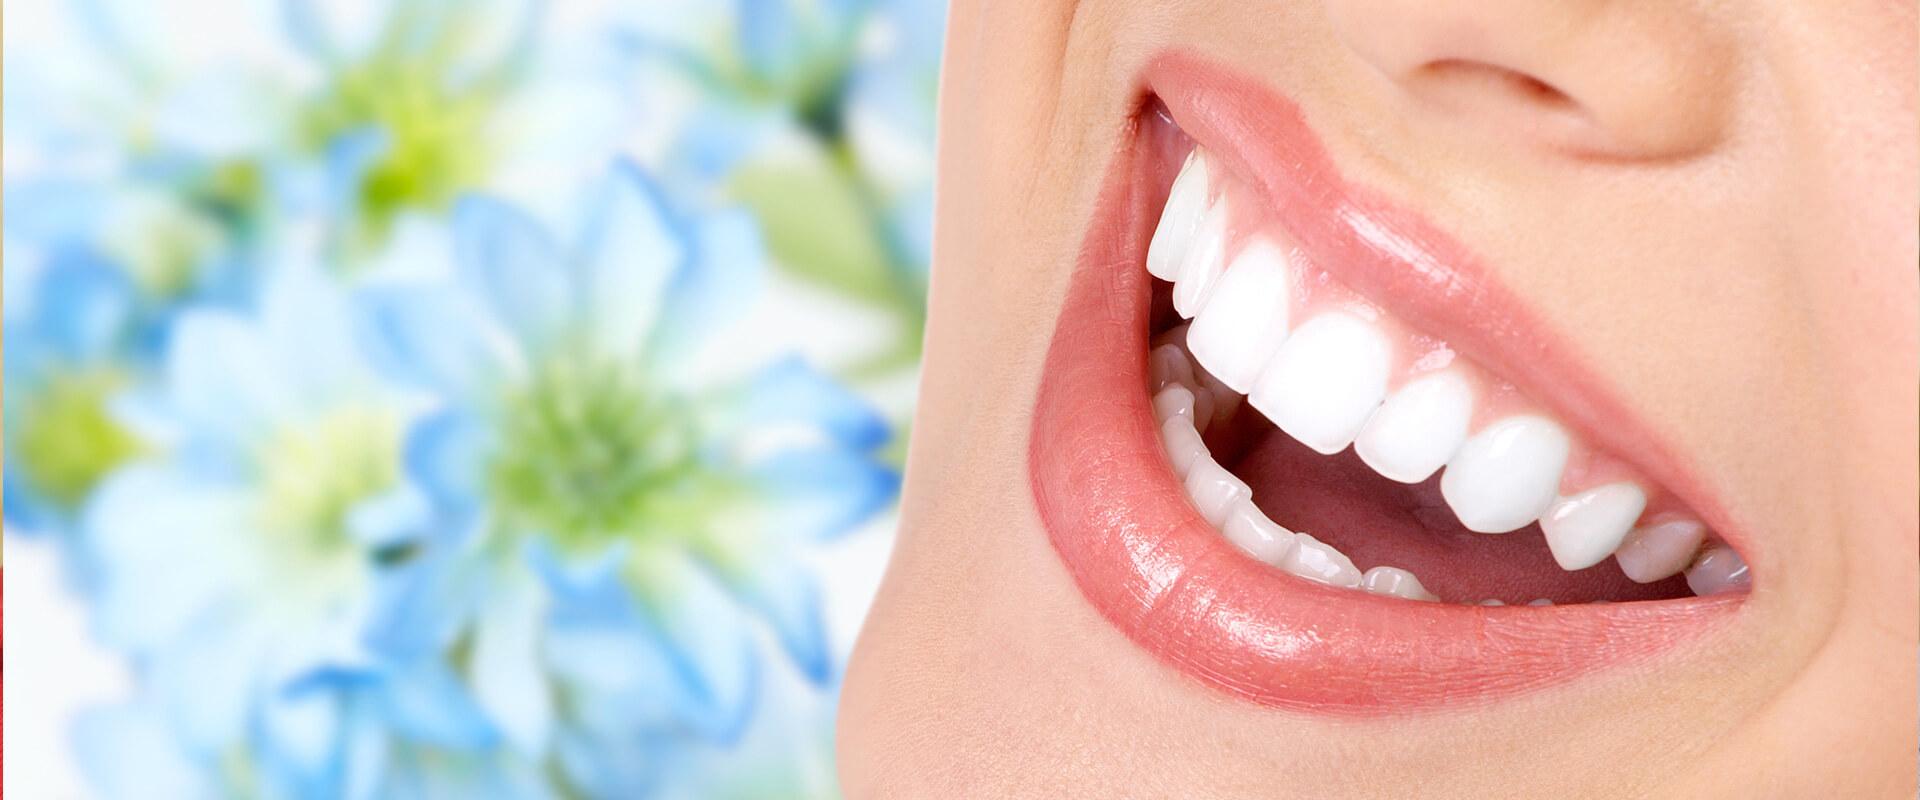 Bisnaga Para Clareamento Vue Odonto